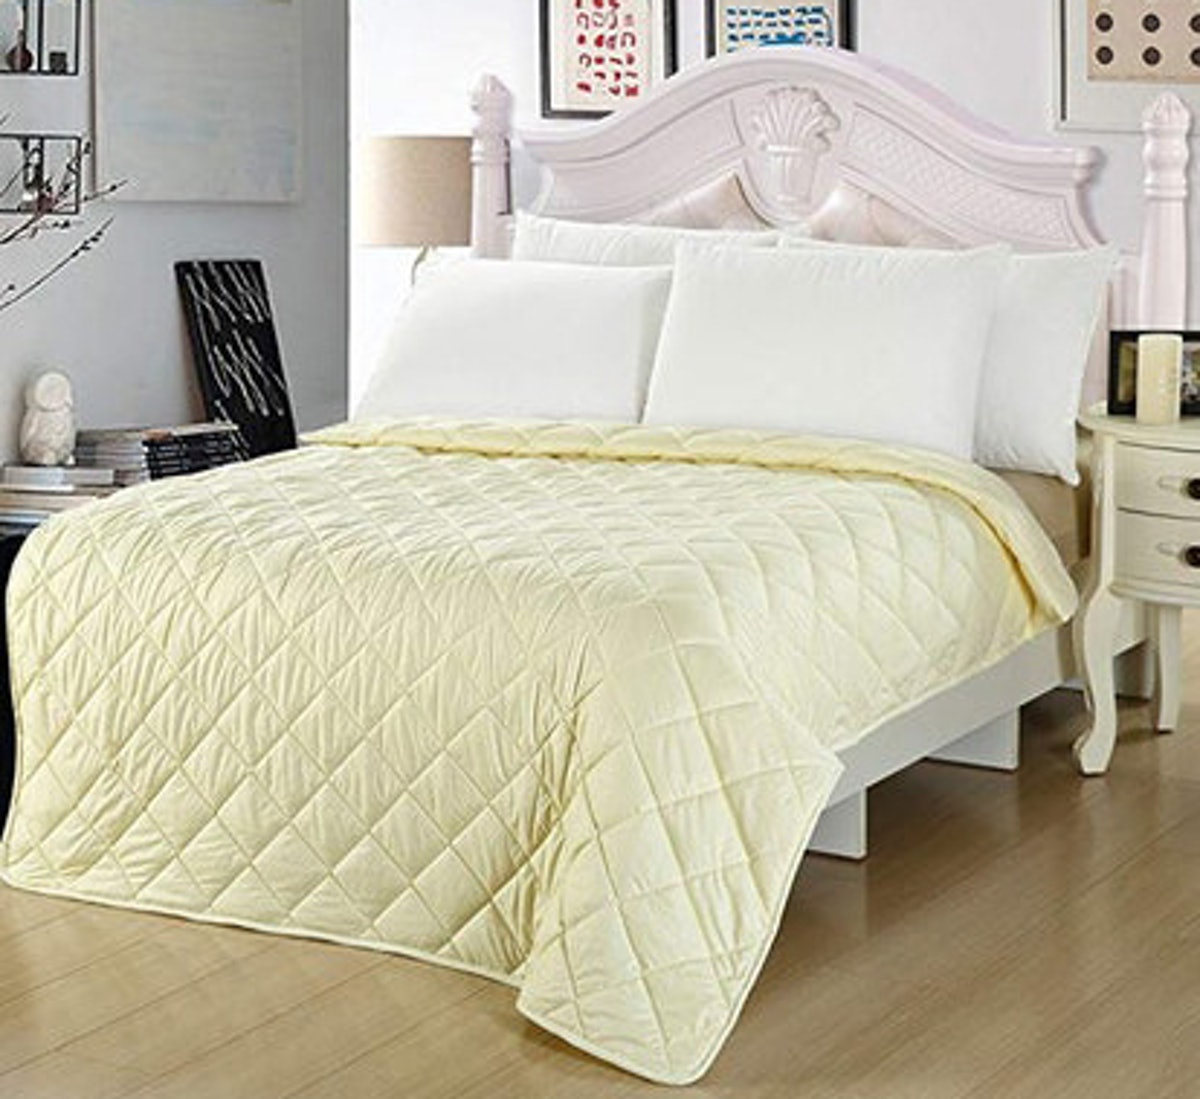 NATURETY Thin Summer Comforter